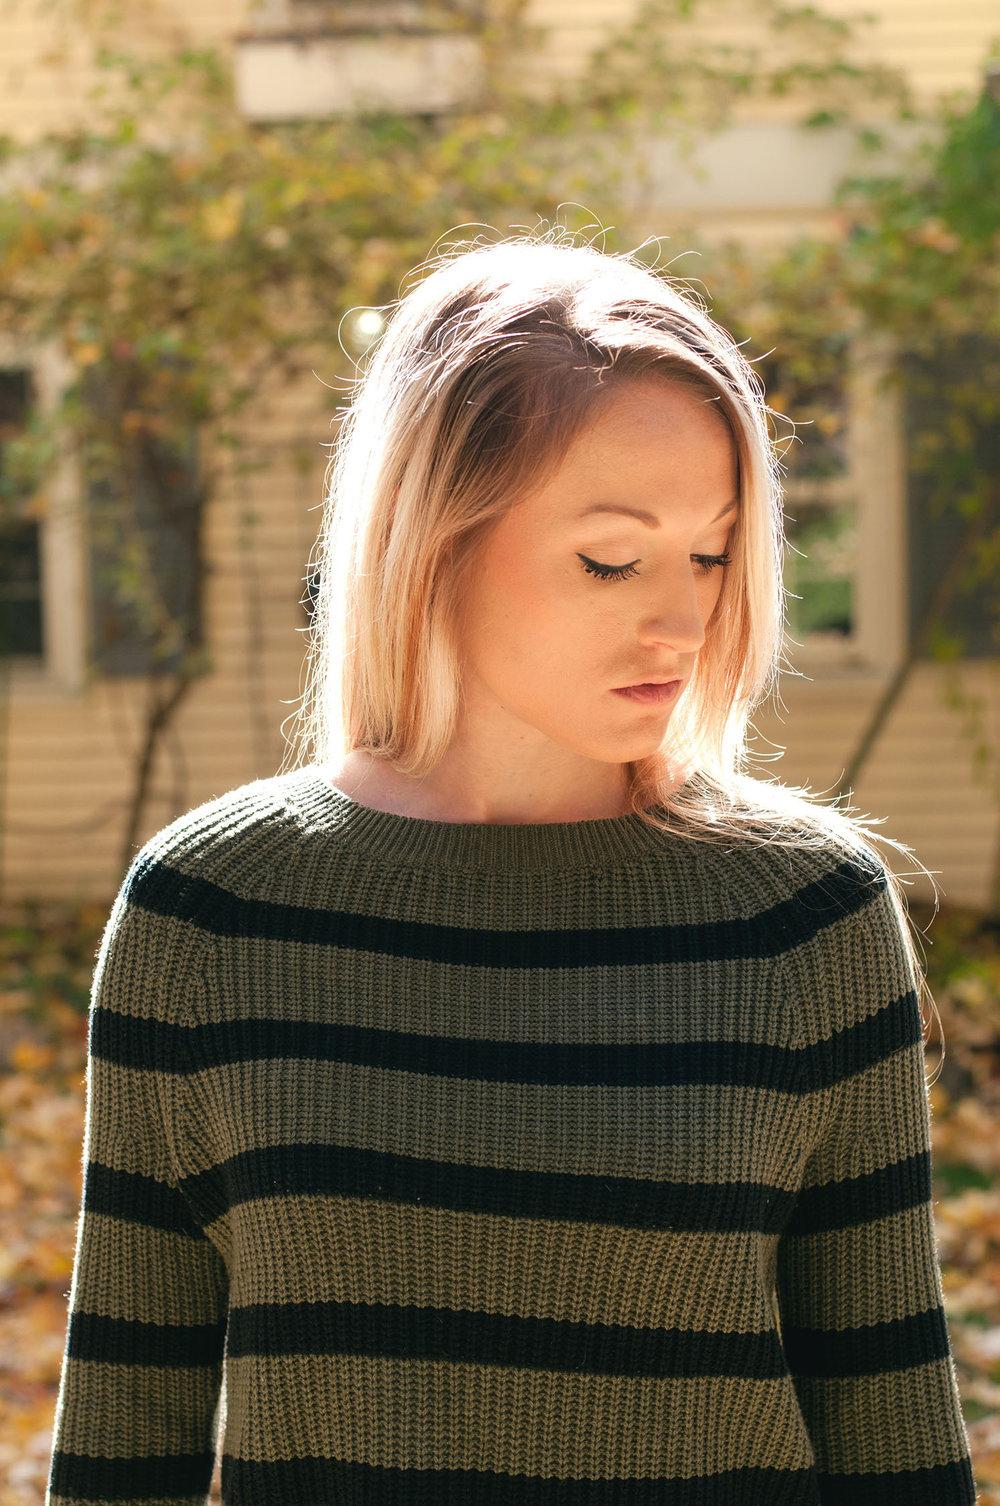 022_Amanda Glynn Photo_Lifestyle.jpg